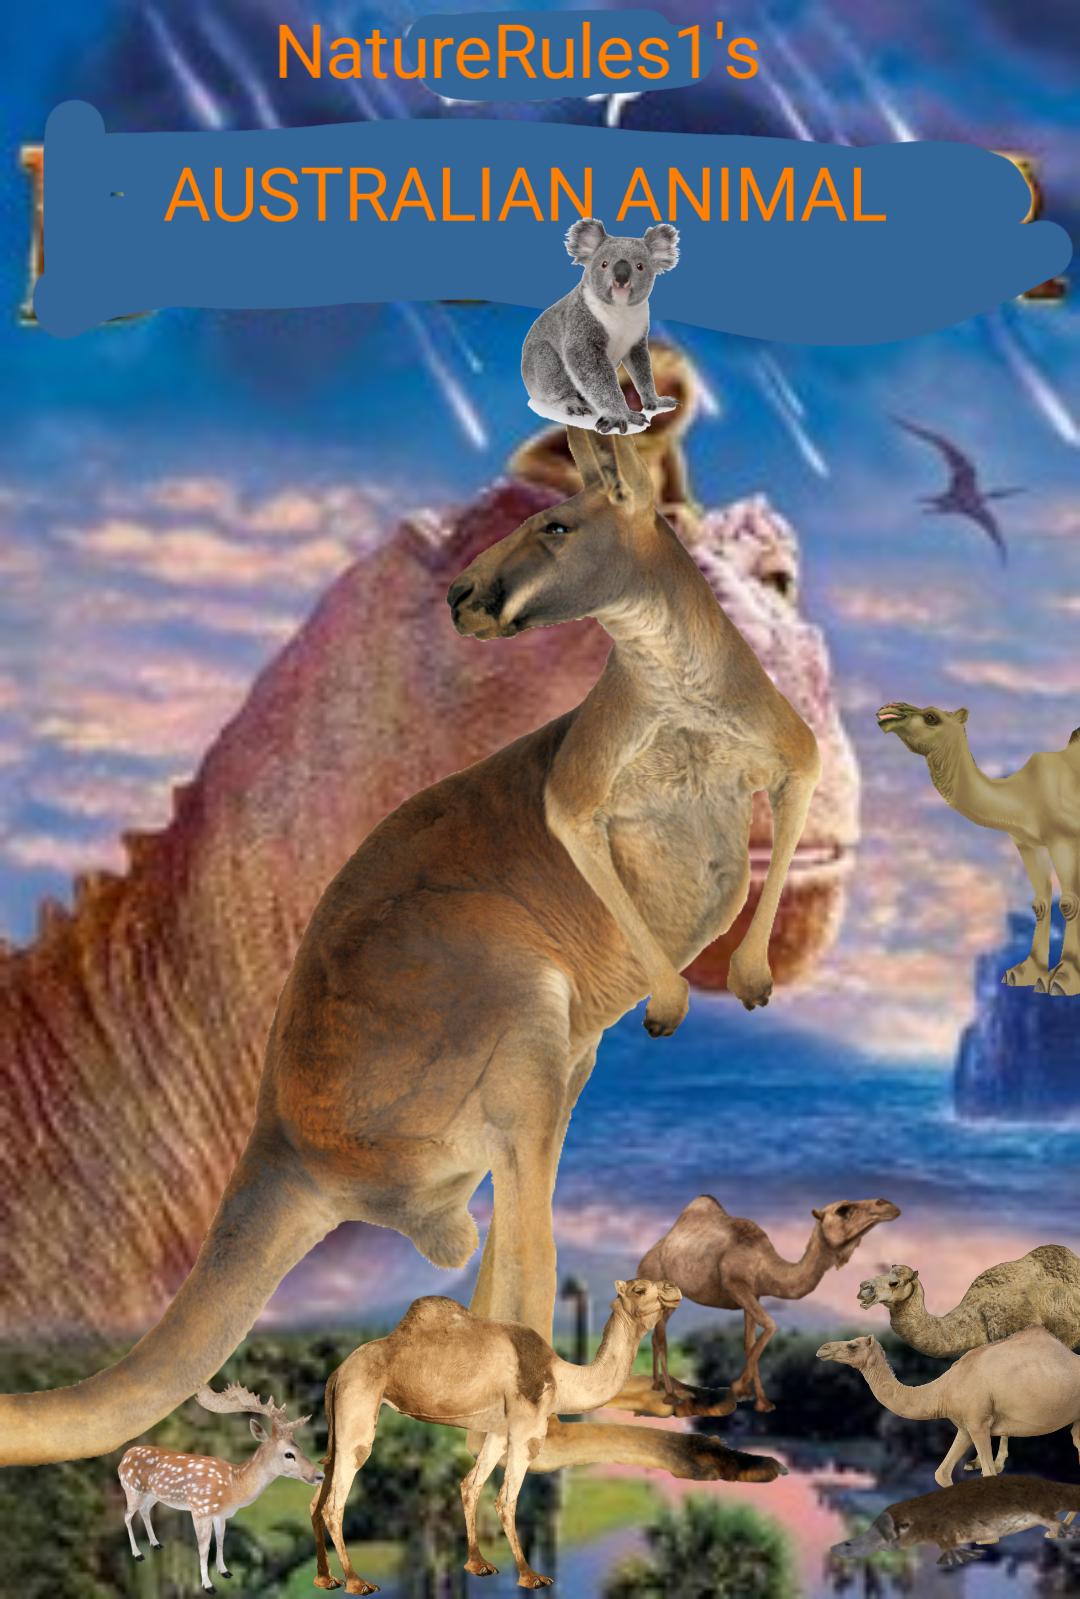 AUSTRALIAN ANIMAL